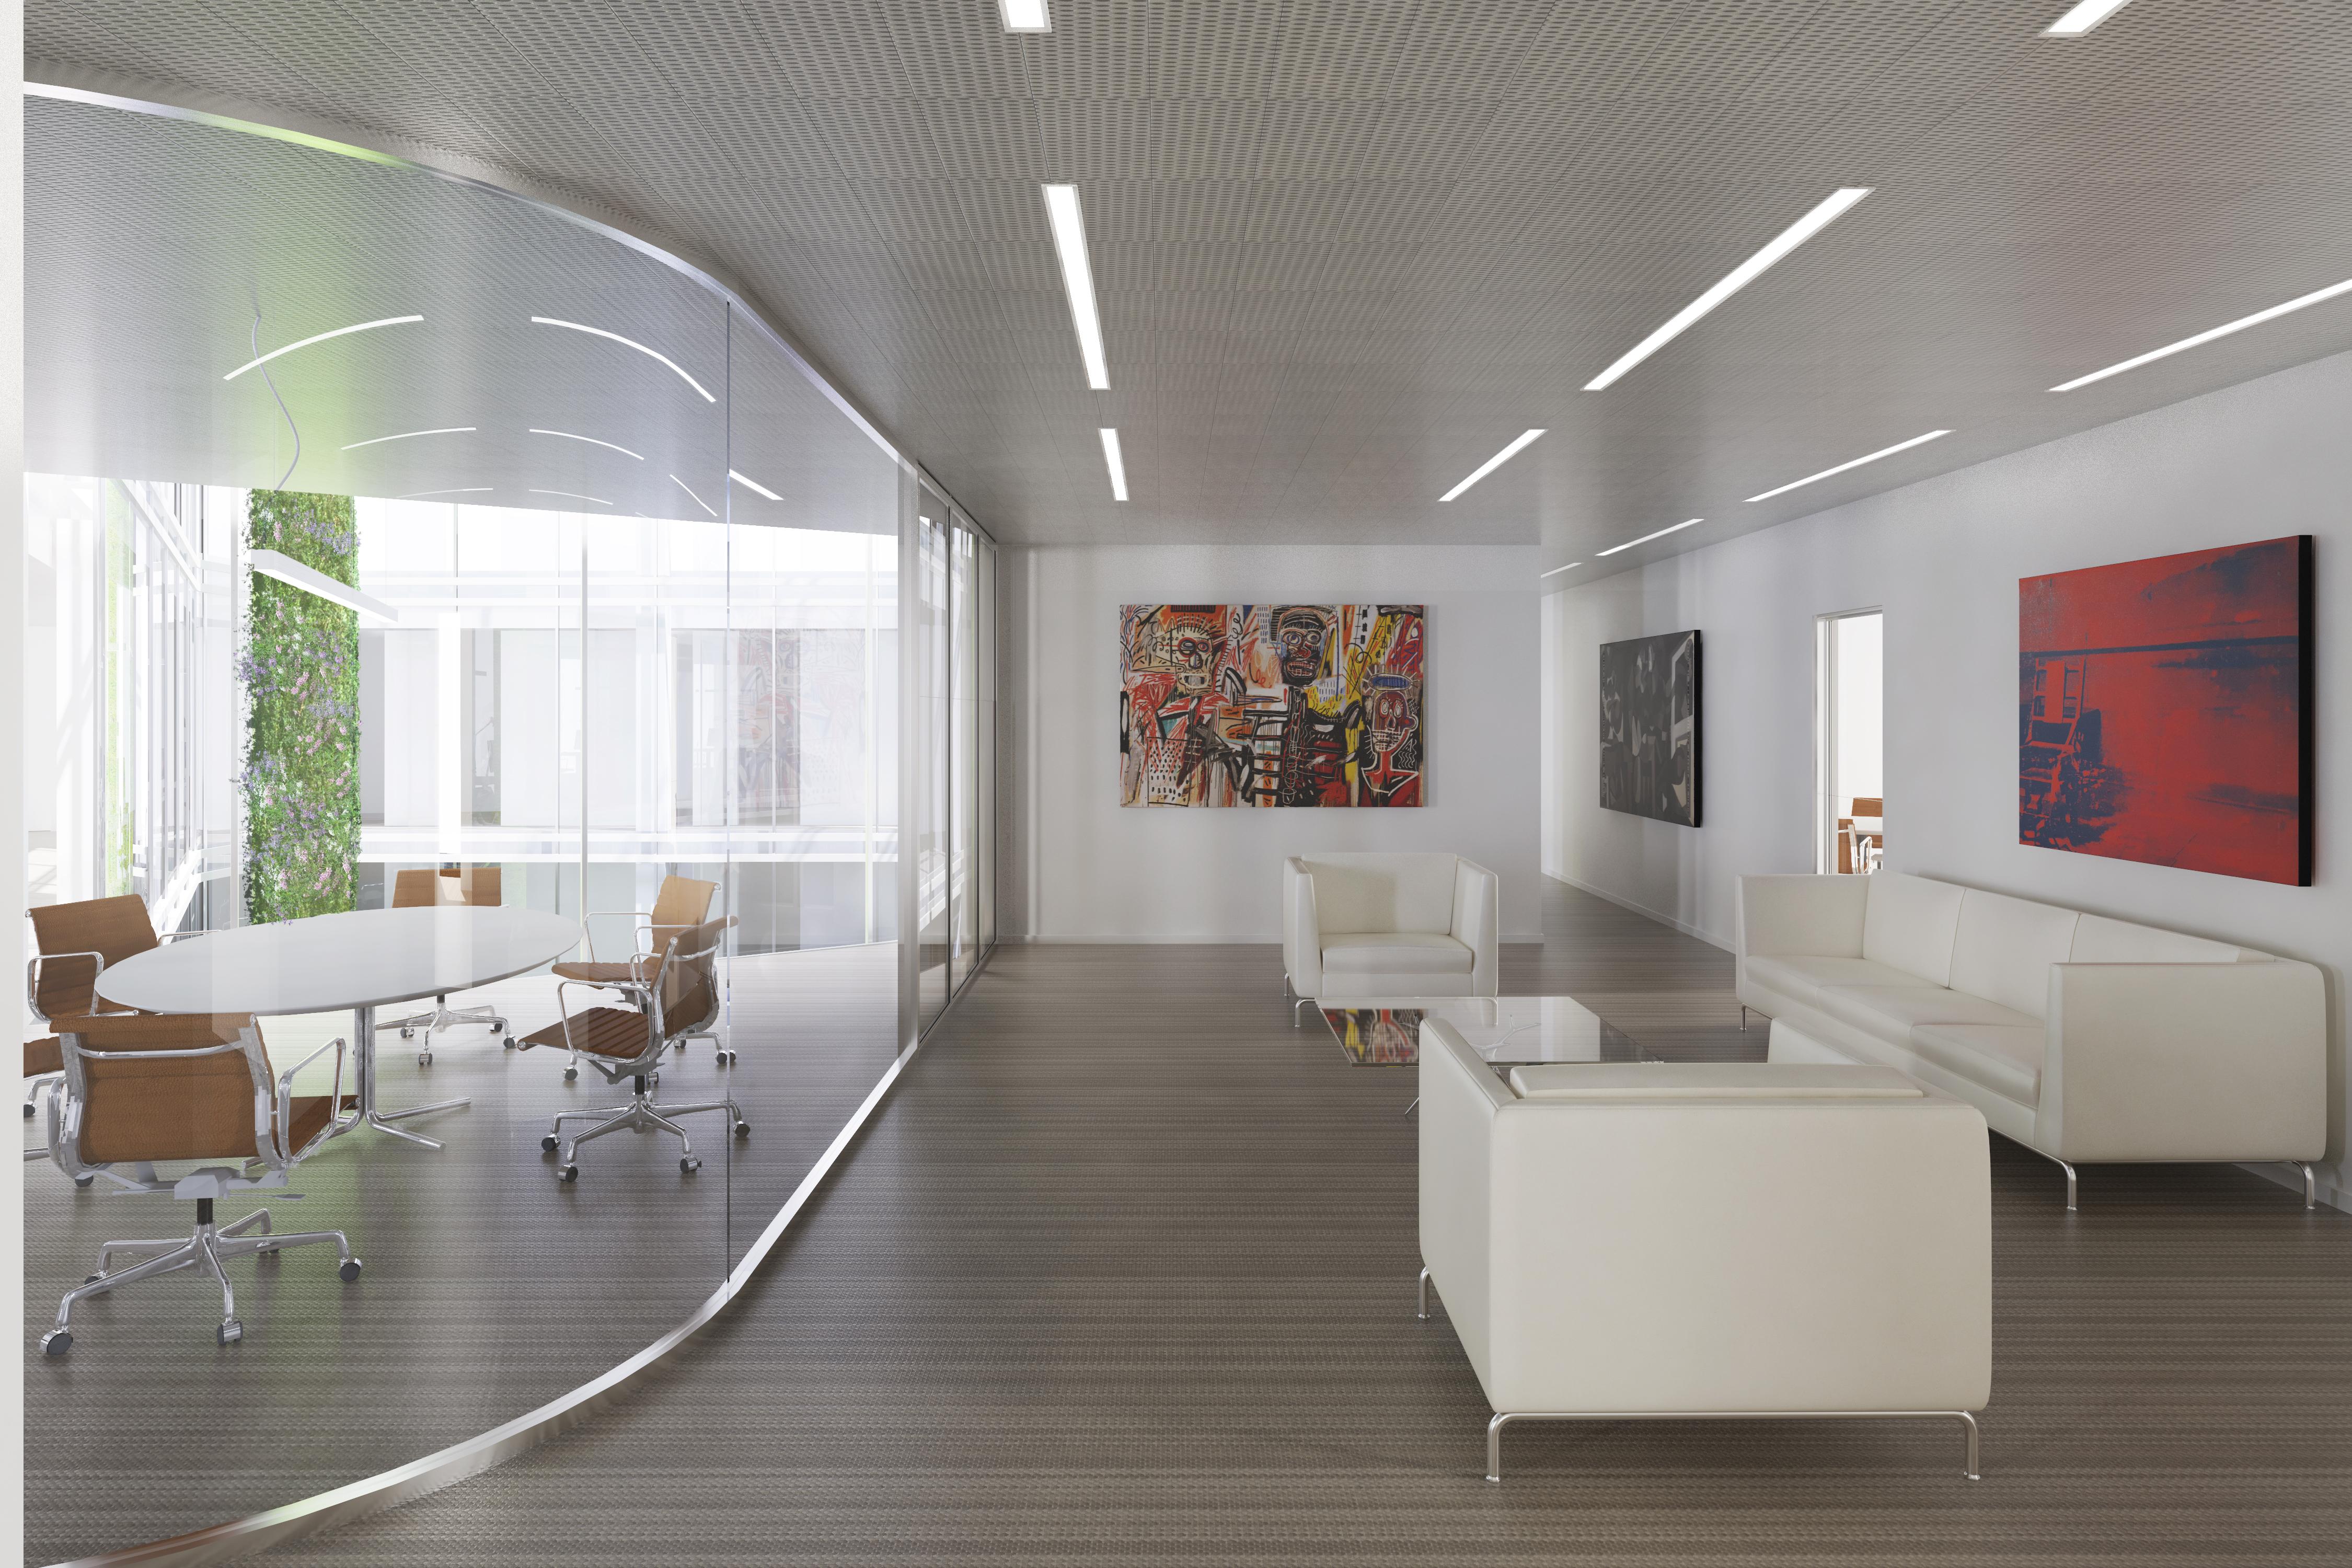 Rendering uffici generali spa milano render esterni e for Uffici a milano